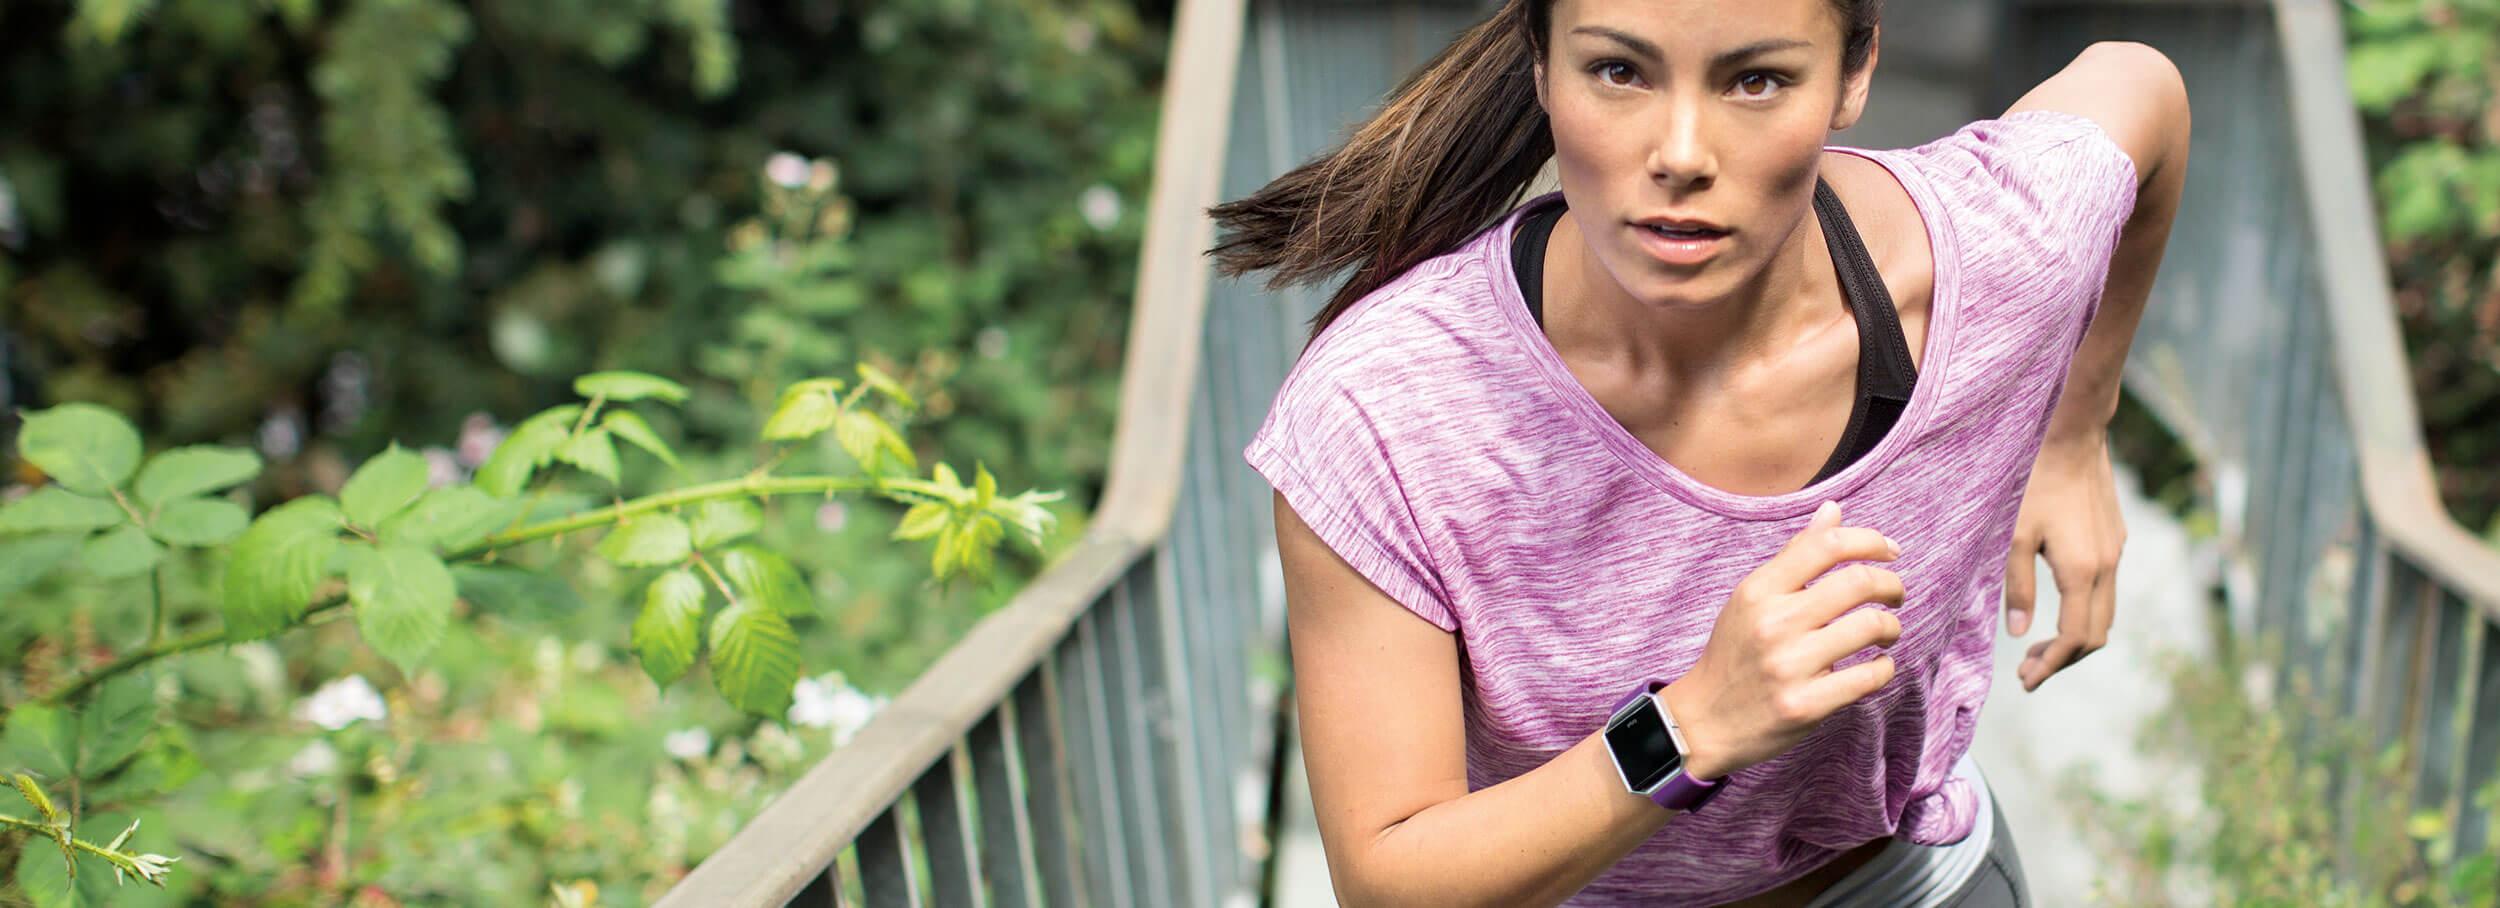 Fitness náramek pro sledování aktivit, notifikací a tepu Fitbit Blaze